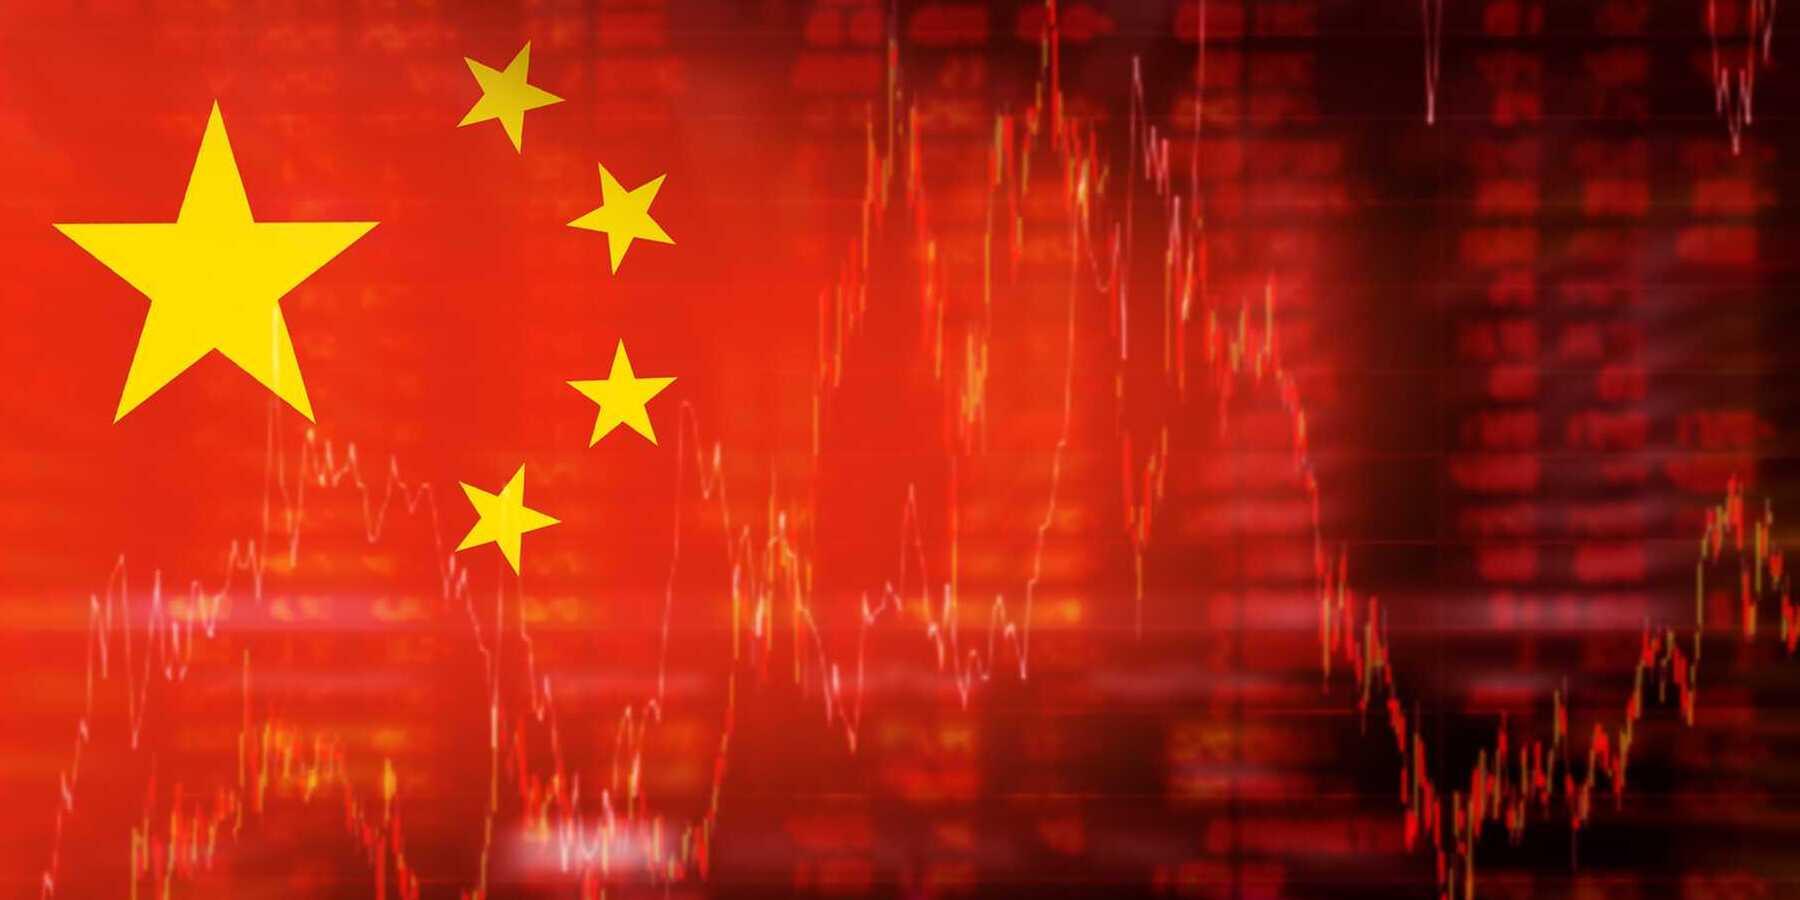 China bändigt seine Digitalgiganten - Chinesische Flagge auf rotem Hintergrund mit Kurschart Daten